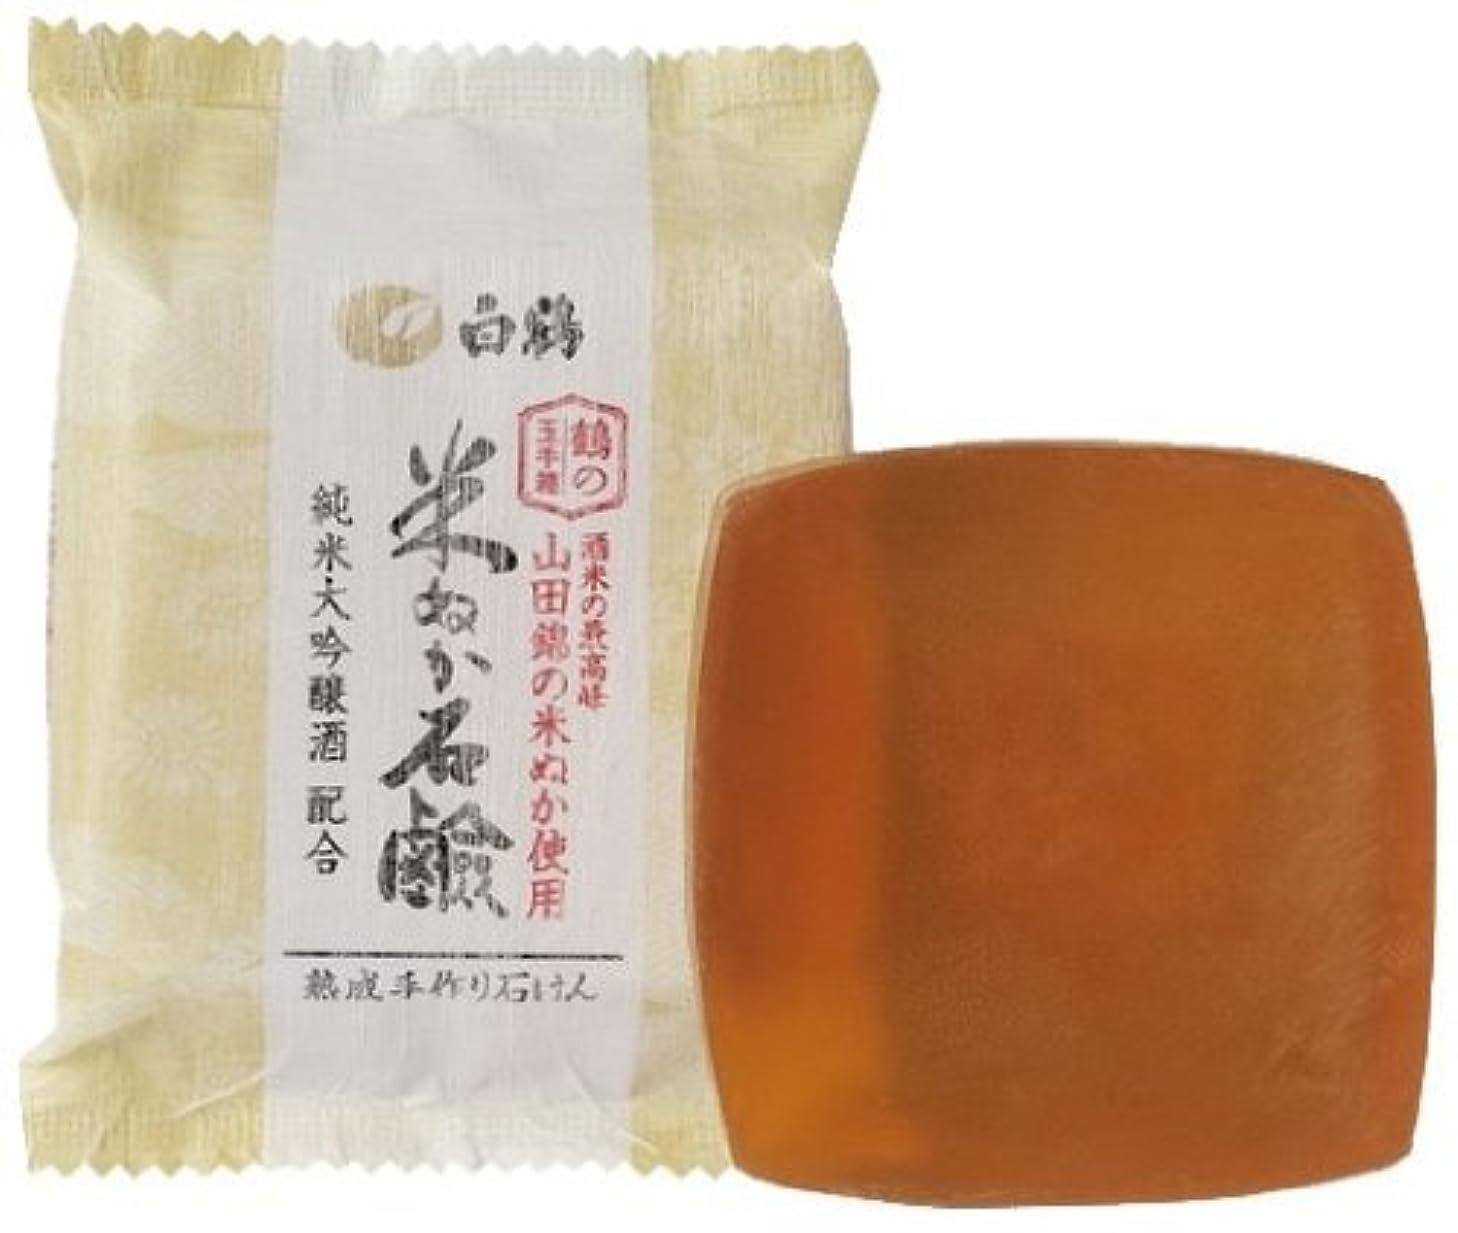 香ばしいキモいとは異なり白鶴 鶴の玉手箱 米ぬか石けん 100g × 3個 (純米大吟醸 山田錦の米ぬか配合)